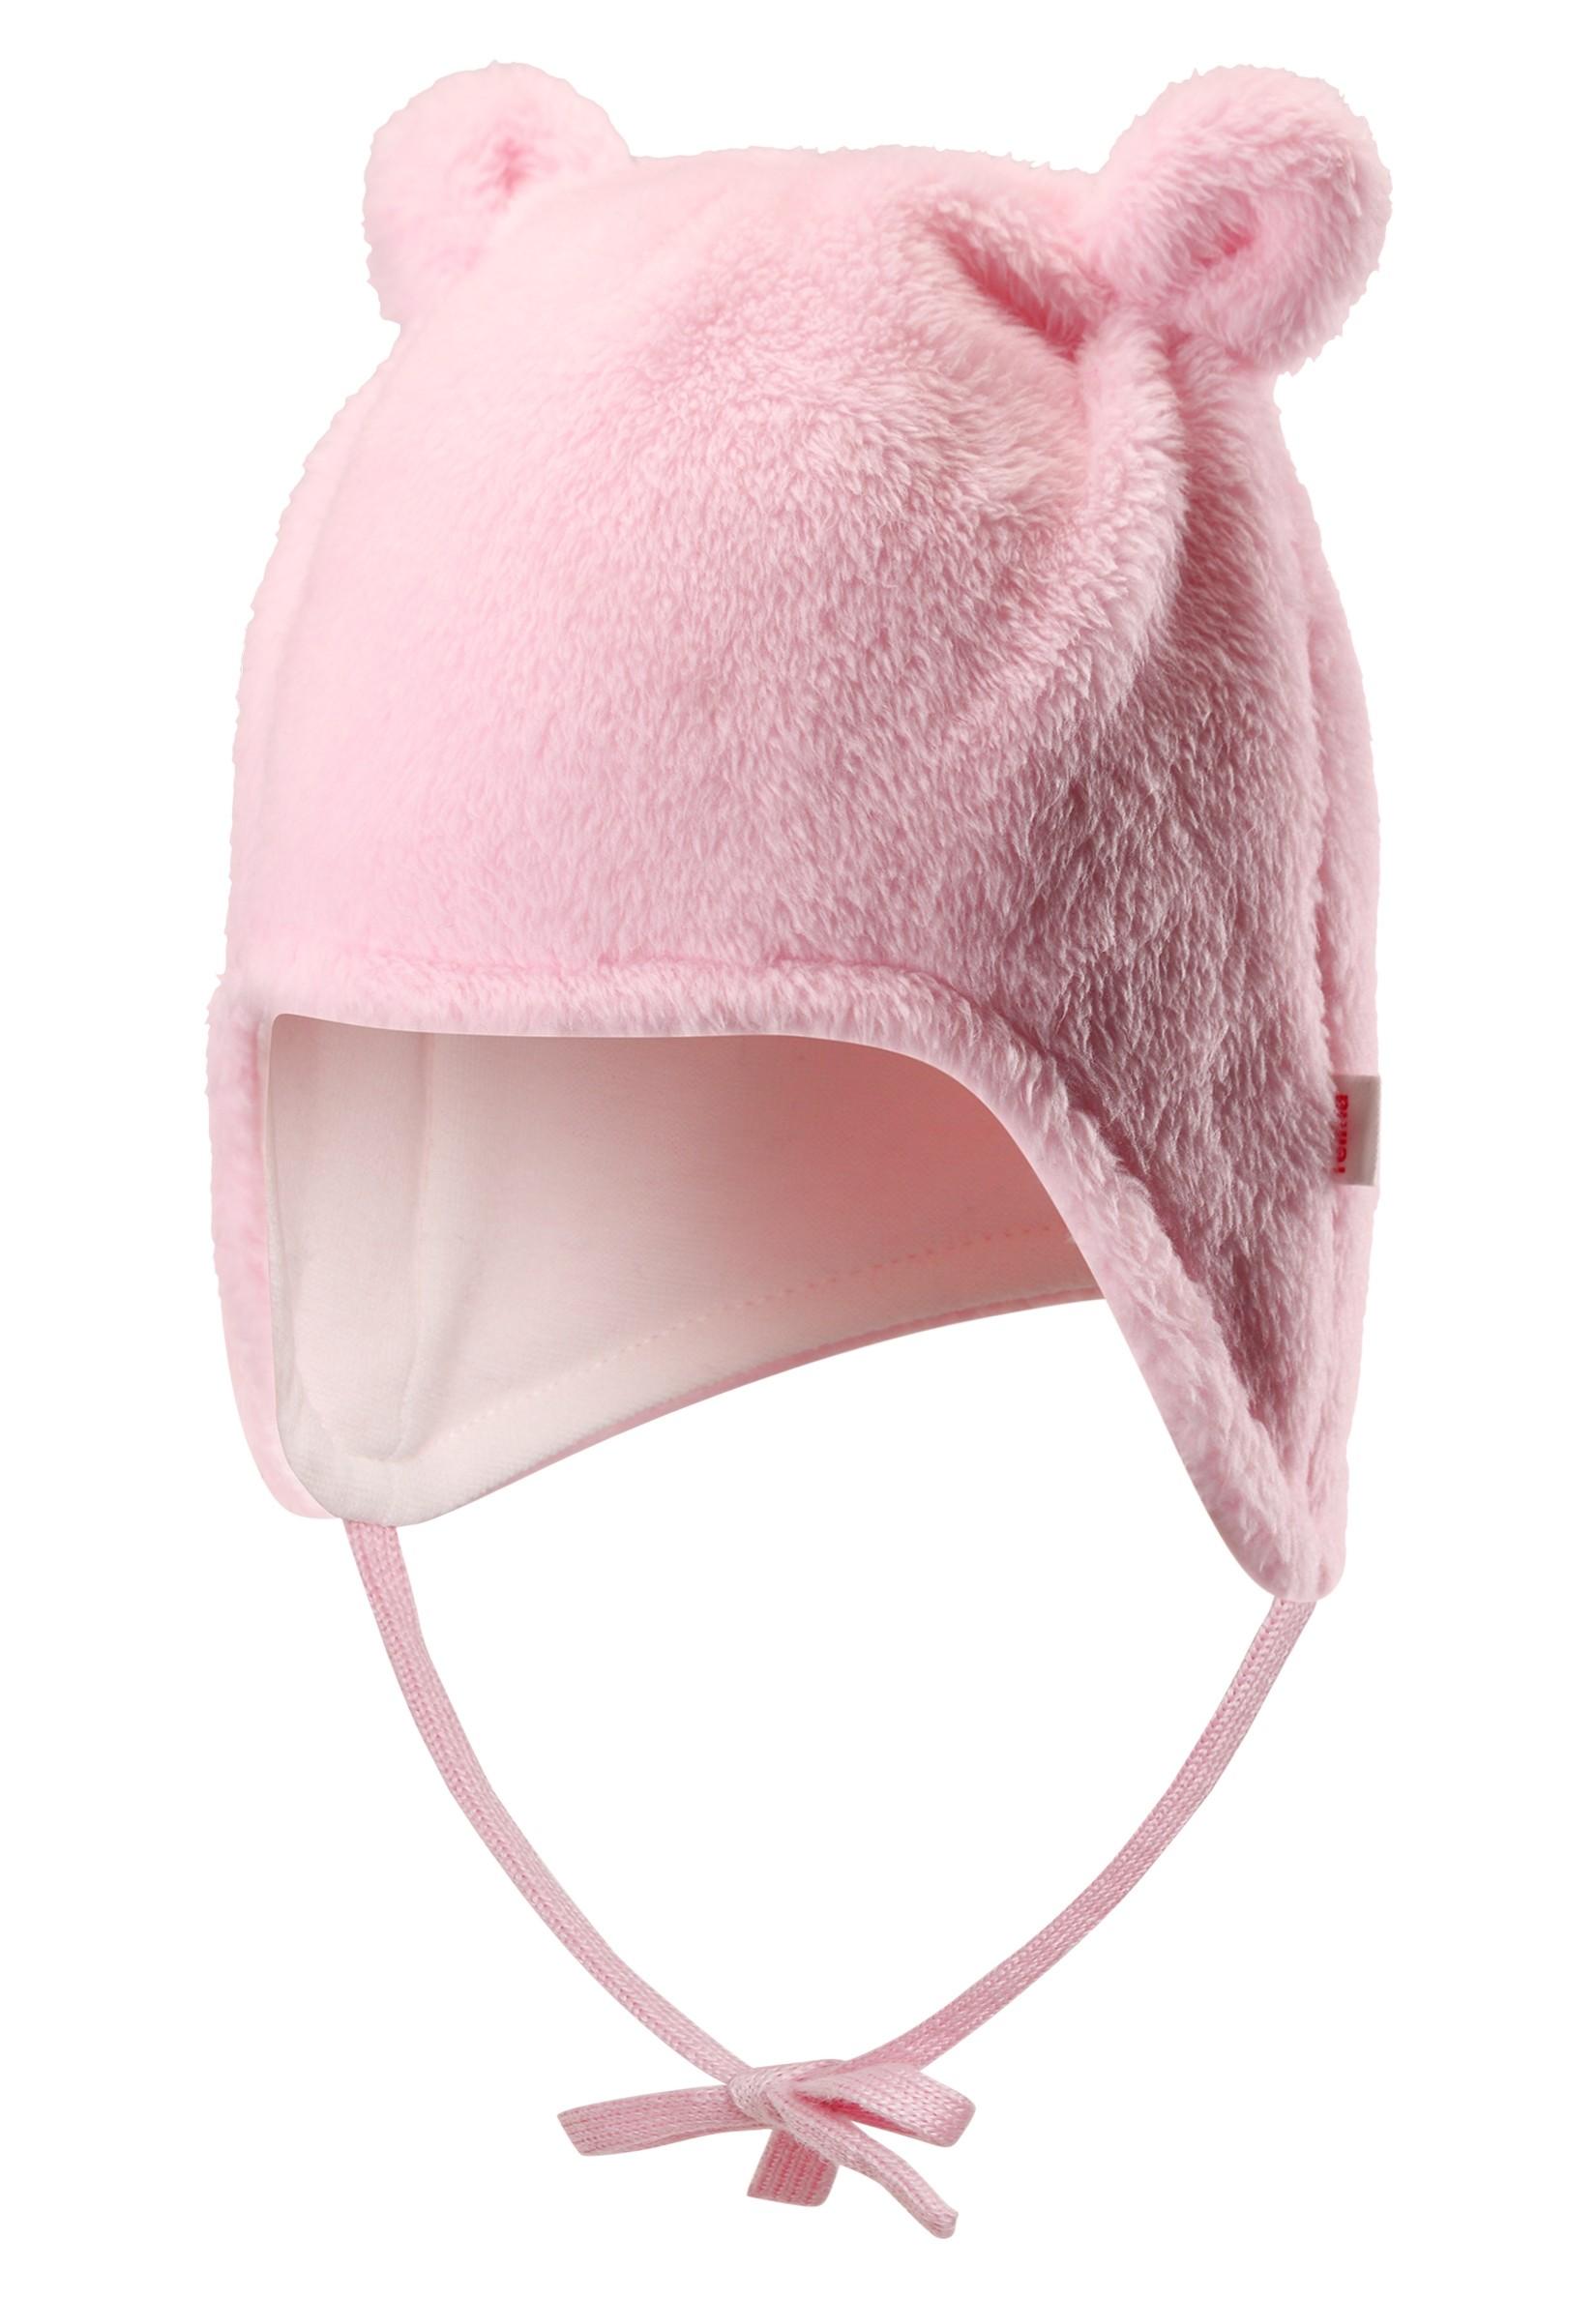 Головные уборы Reima Шапка для девочки Reima розовая reima шапка lilja reima для девочки